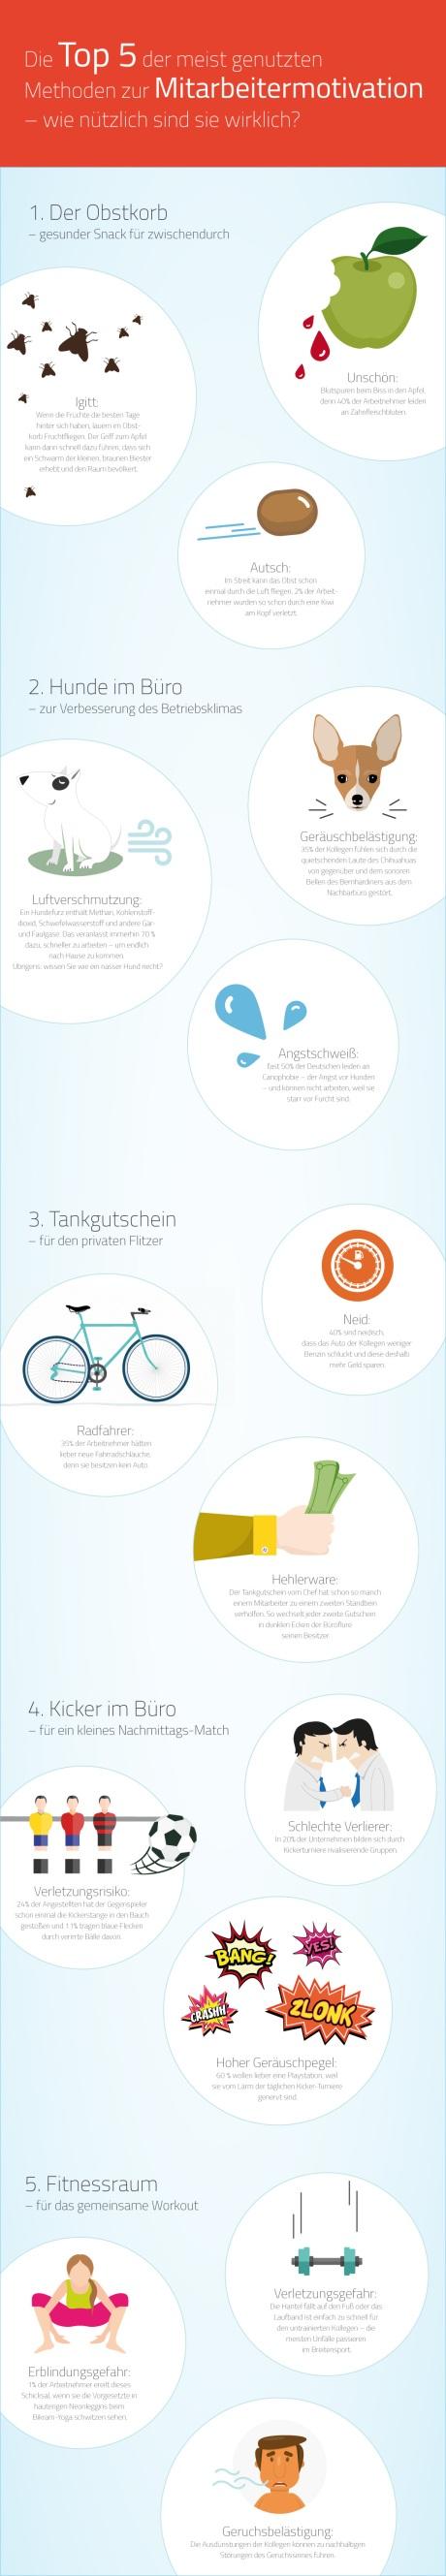 Wie Mitarbeitermotivation richtig geht (Infografik: givve.com)